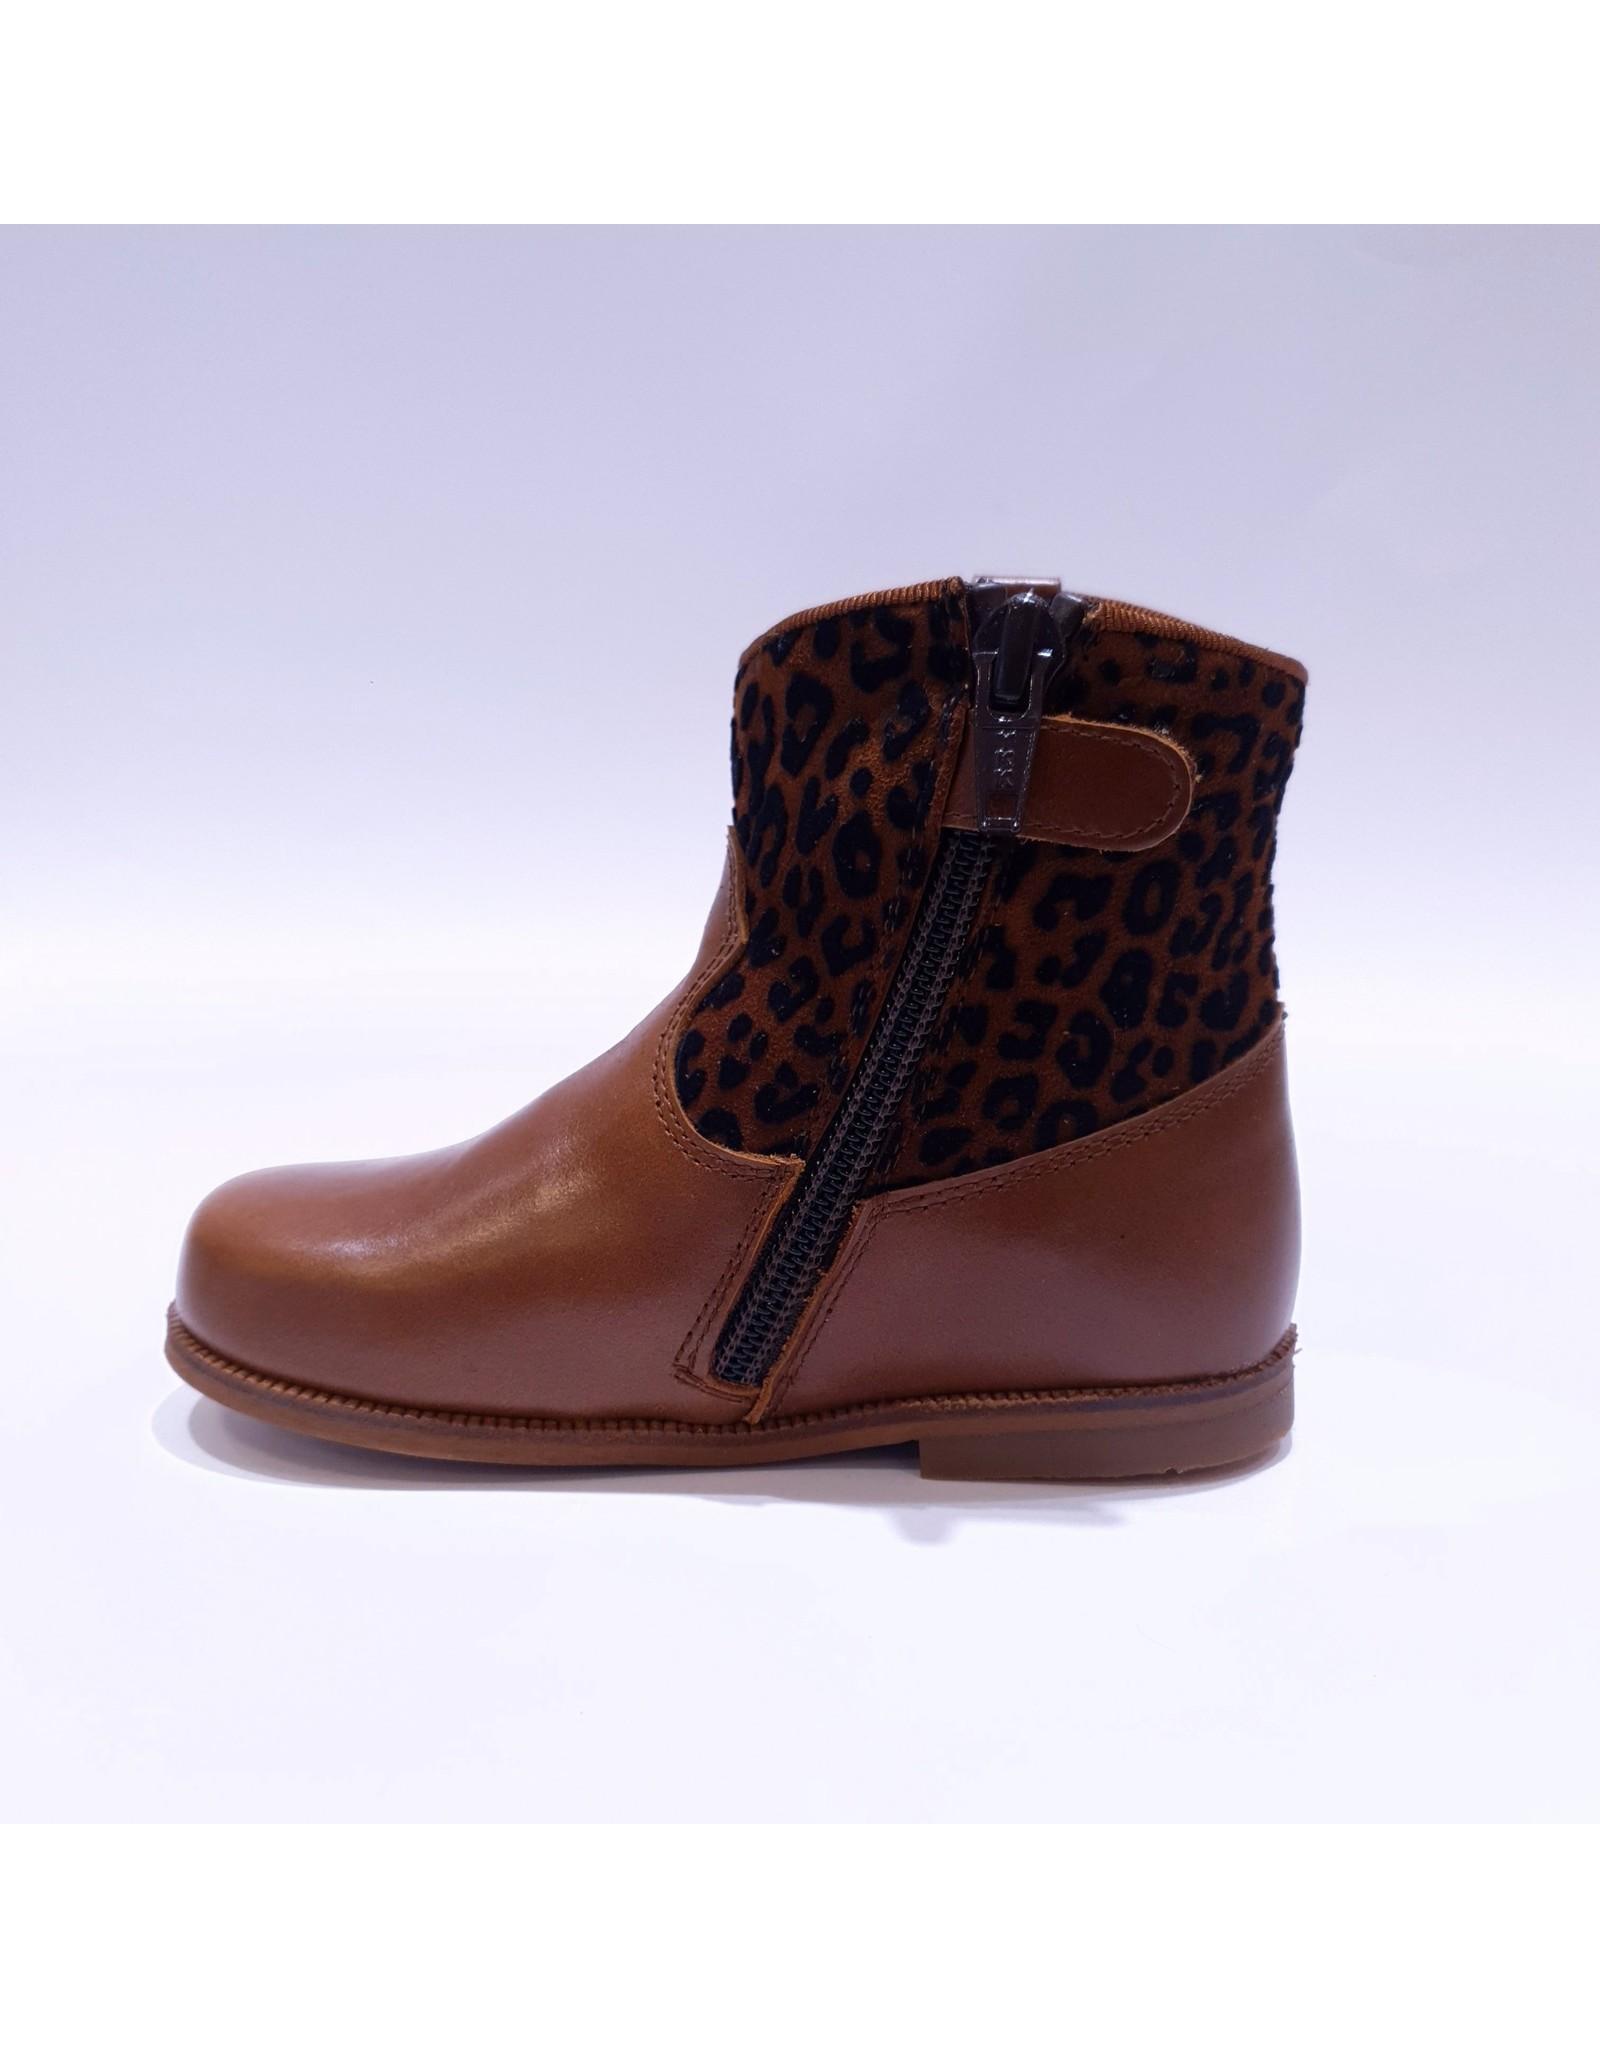 Clarys laars cognac leopard